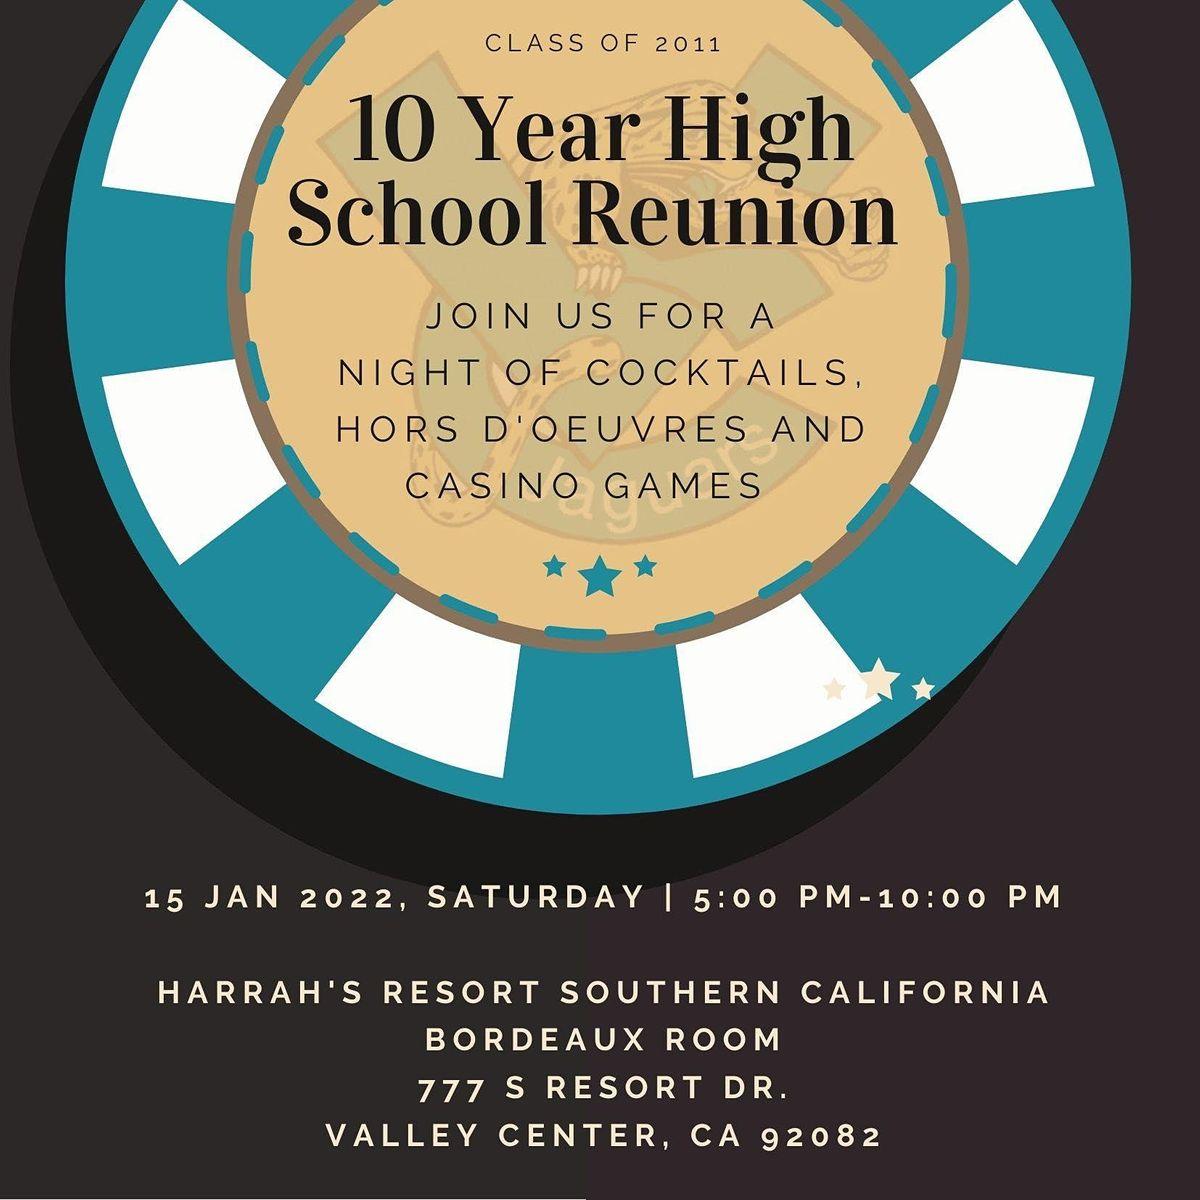 VCHS 2011 Class 10 Year High School Reunion